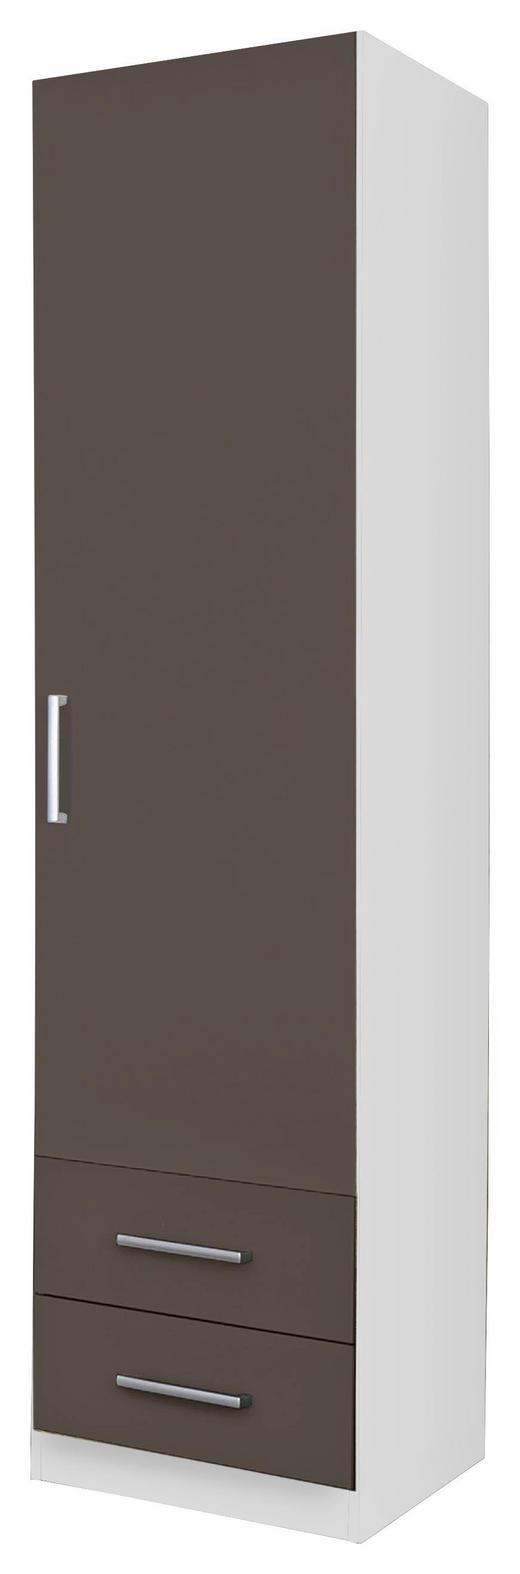 DREHTÜRENSCHRANK Grau, Weiß - Silberfarben/Weiß, Design, Holzwerkstoff/Kunststoff (47/197/54cm) - Carryhome